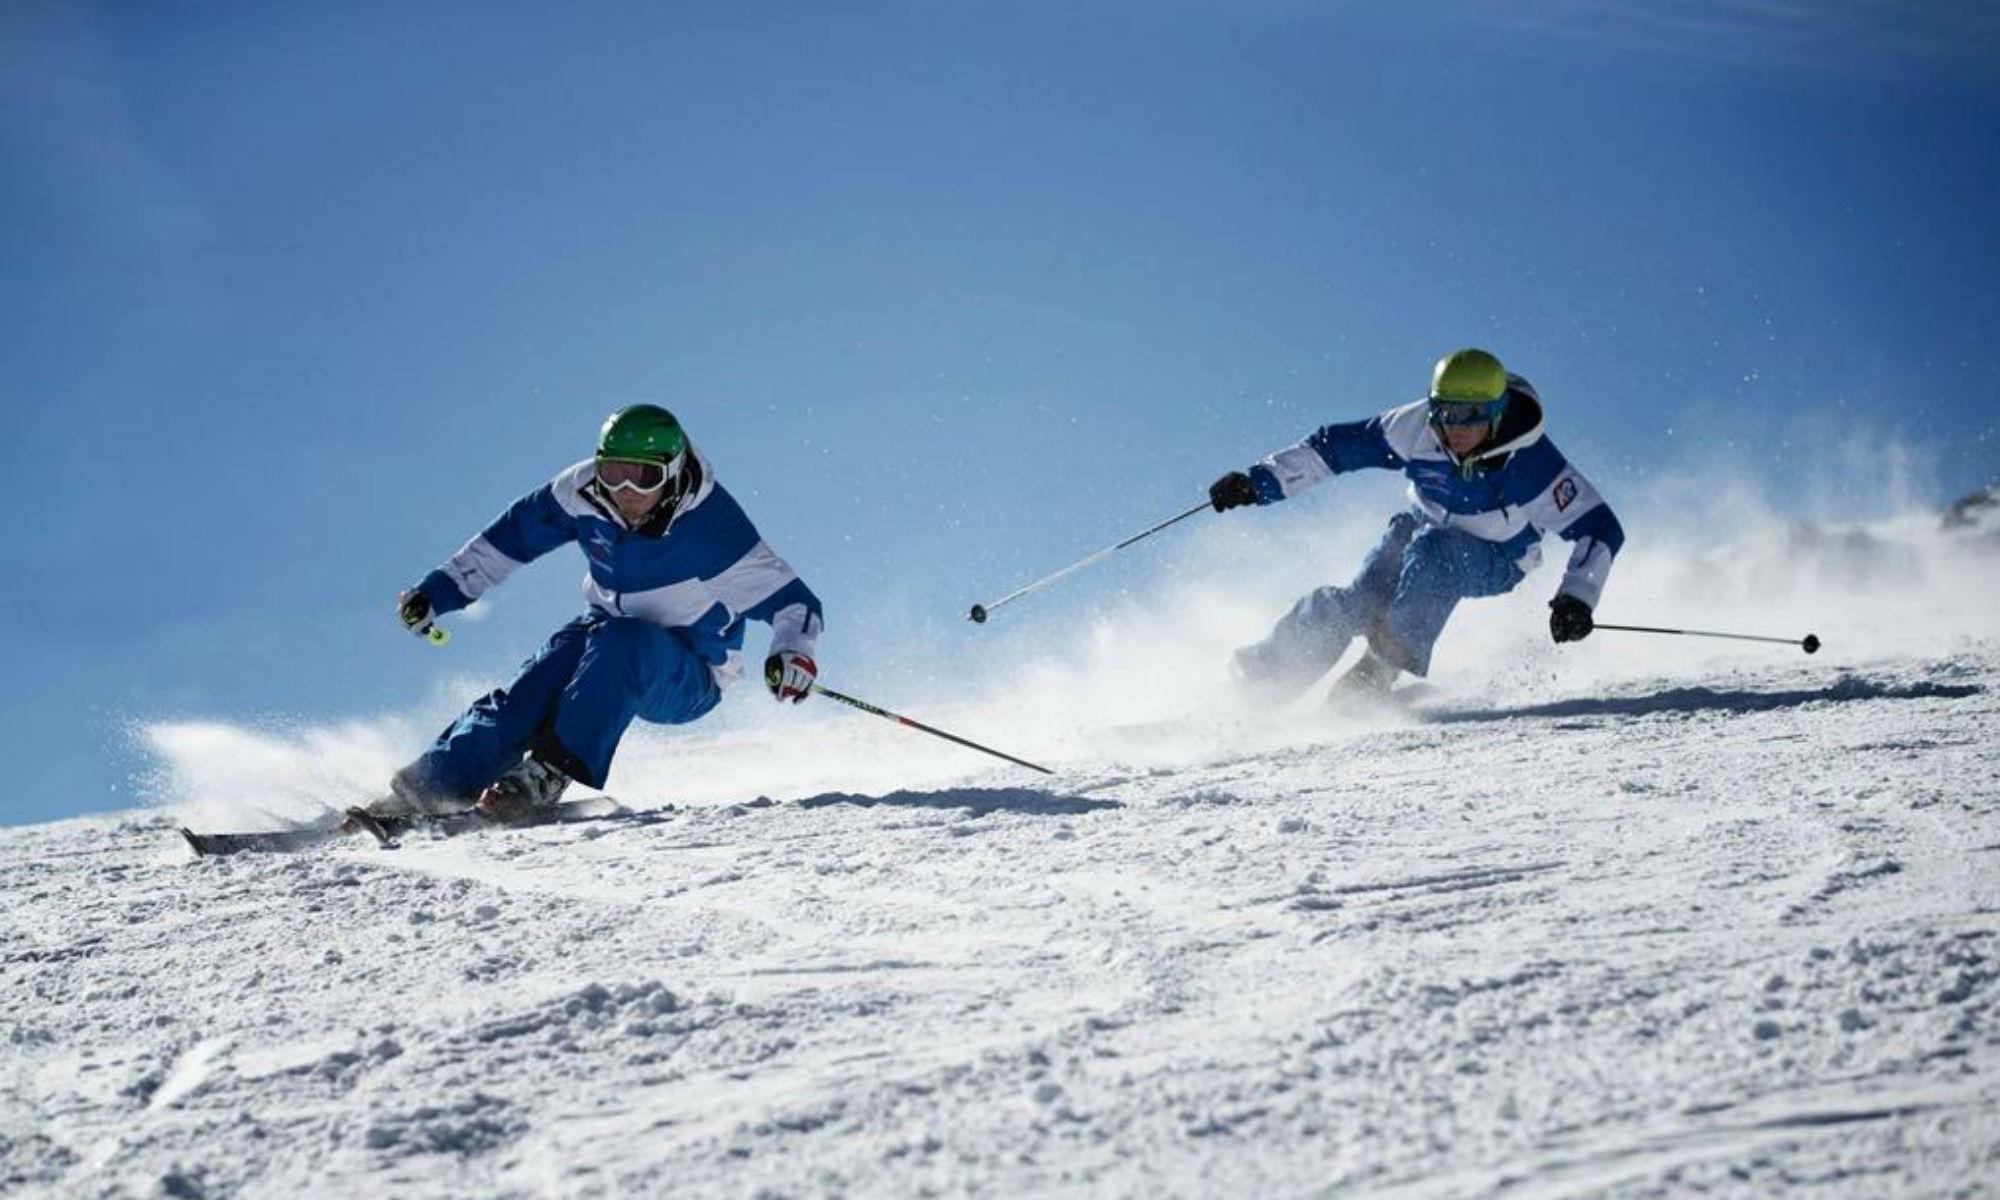 Zwei Skifahrer ziehen bei Sonnenschein ihre Schwünge im Schnee bei Garmisch-Partenkirchen.